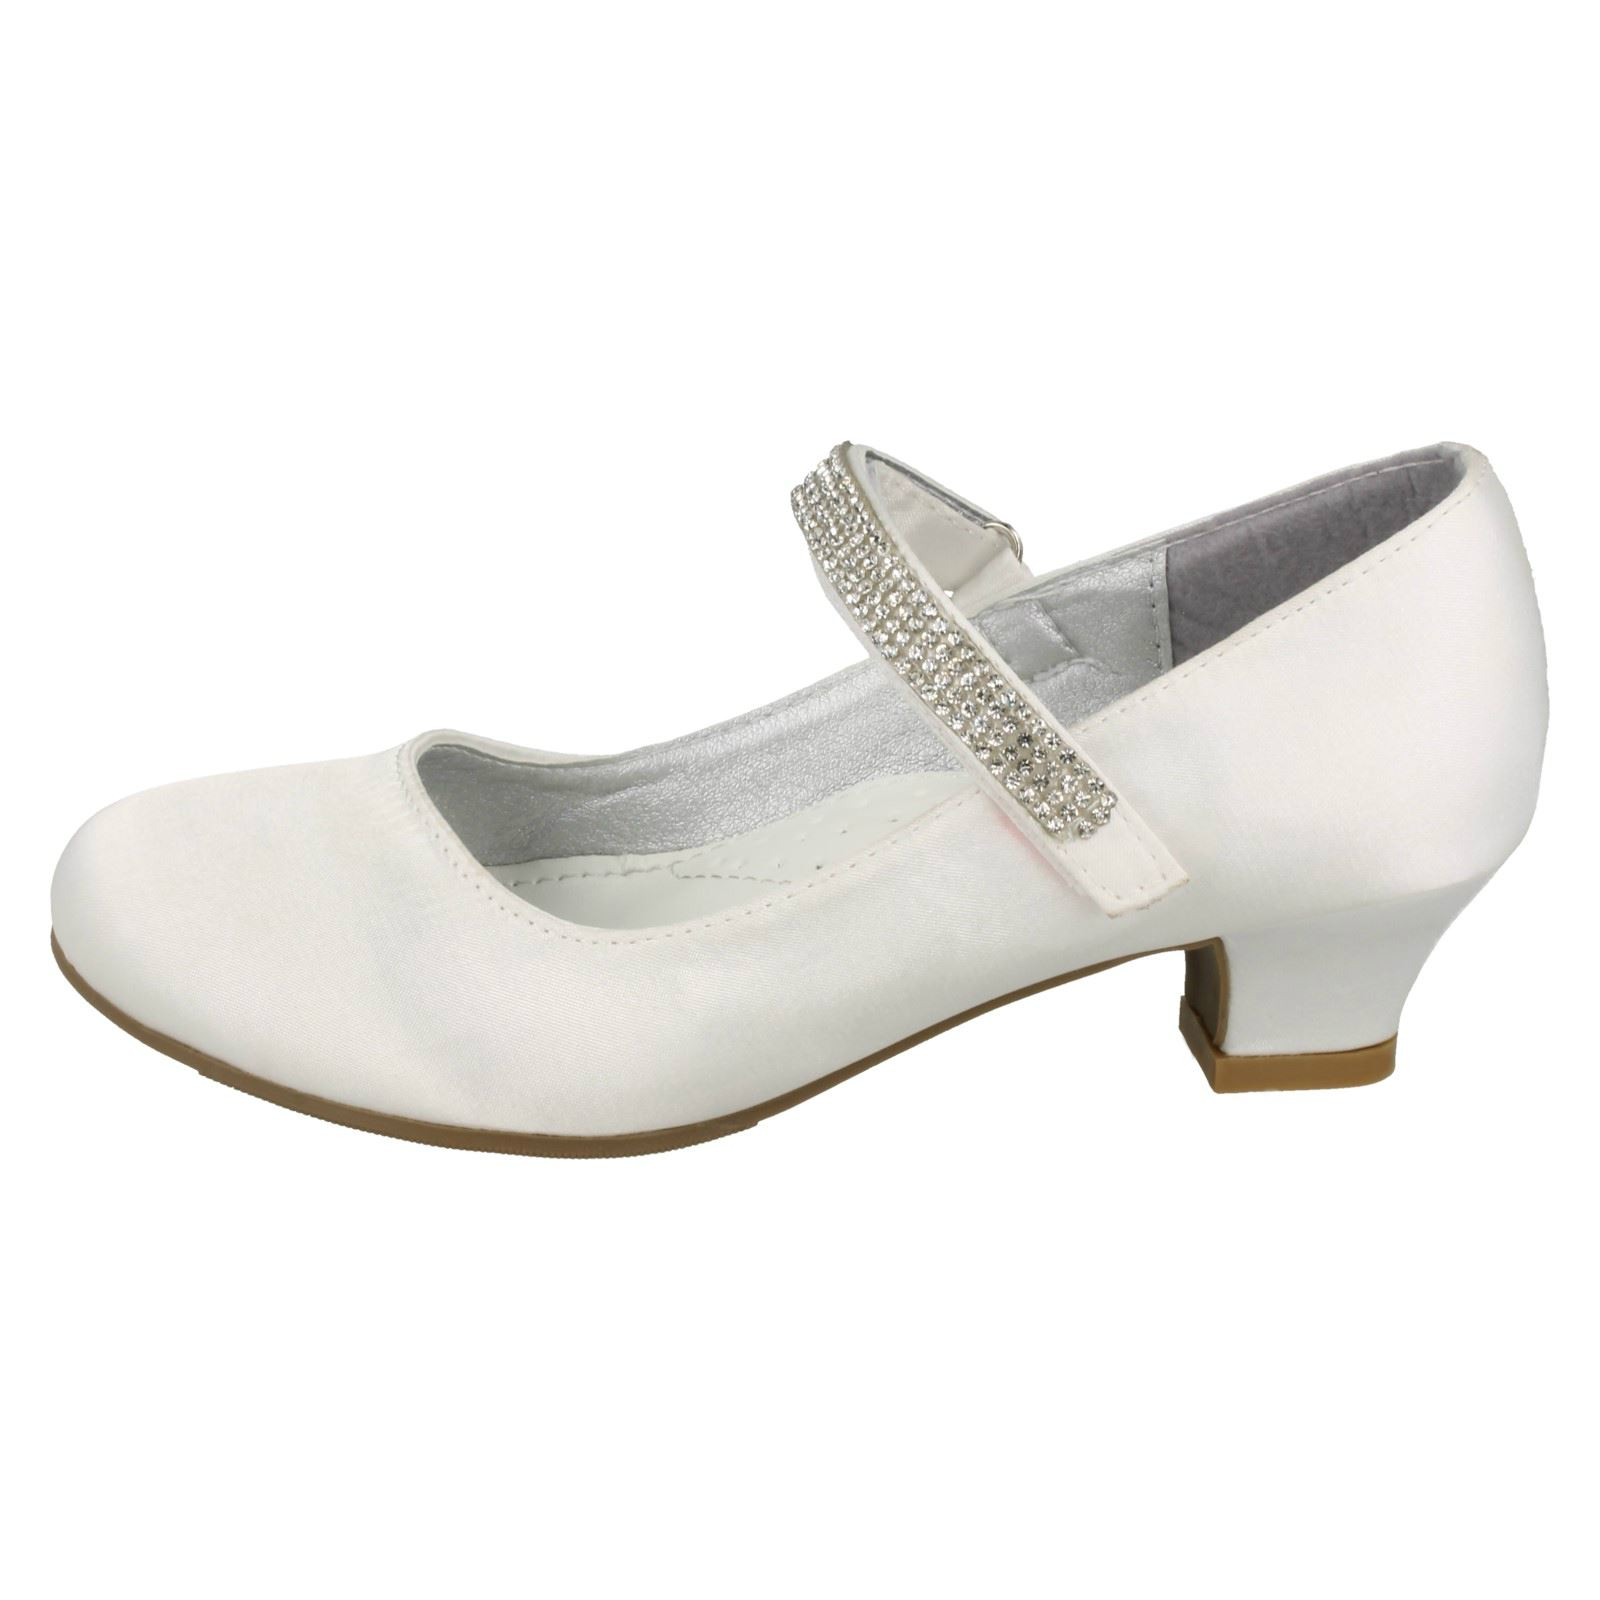 Chicas Mancha En Medio Tacón Diamante Correa Zapatos el estilo H3066